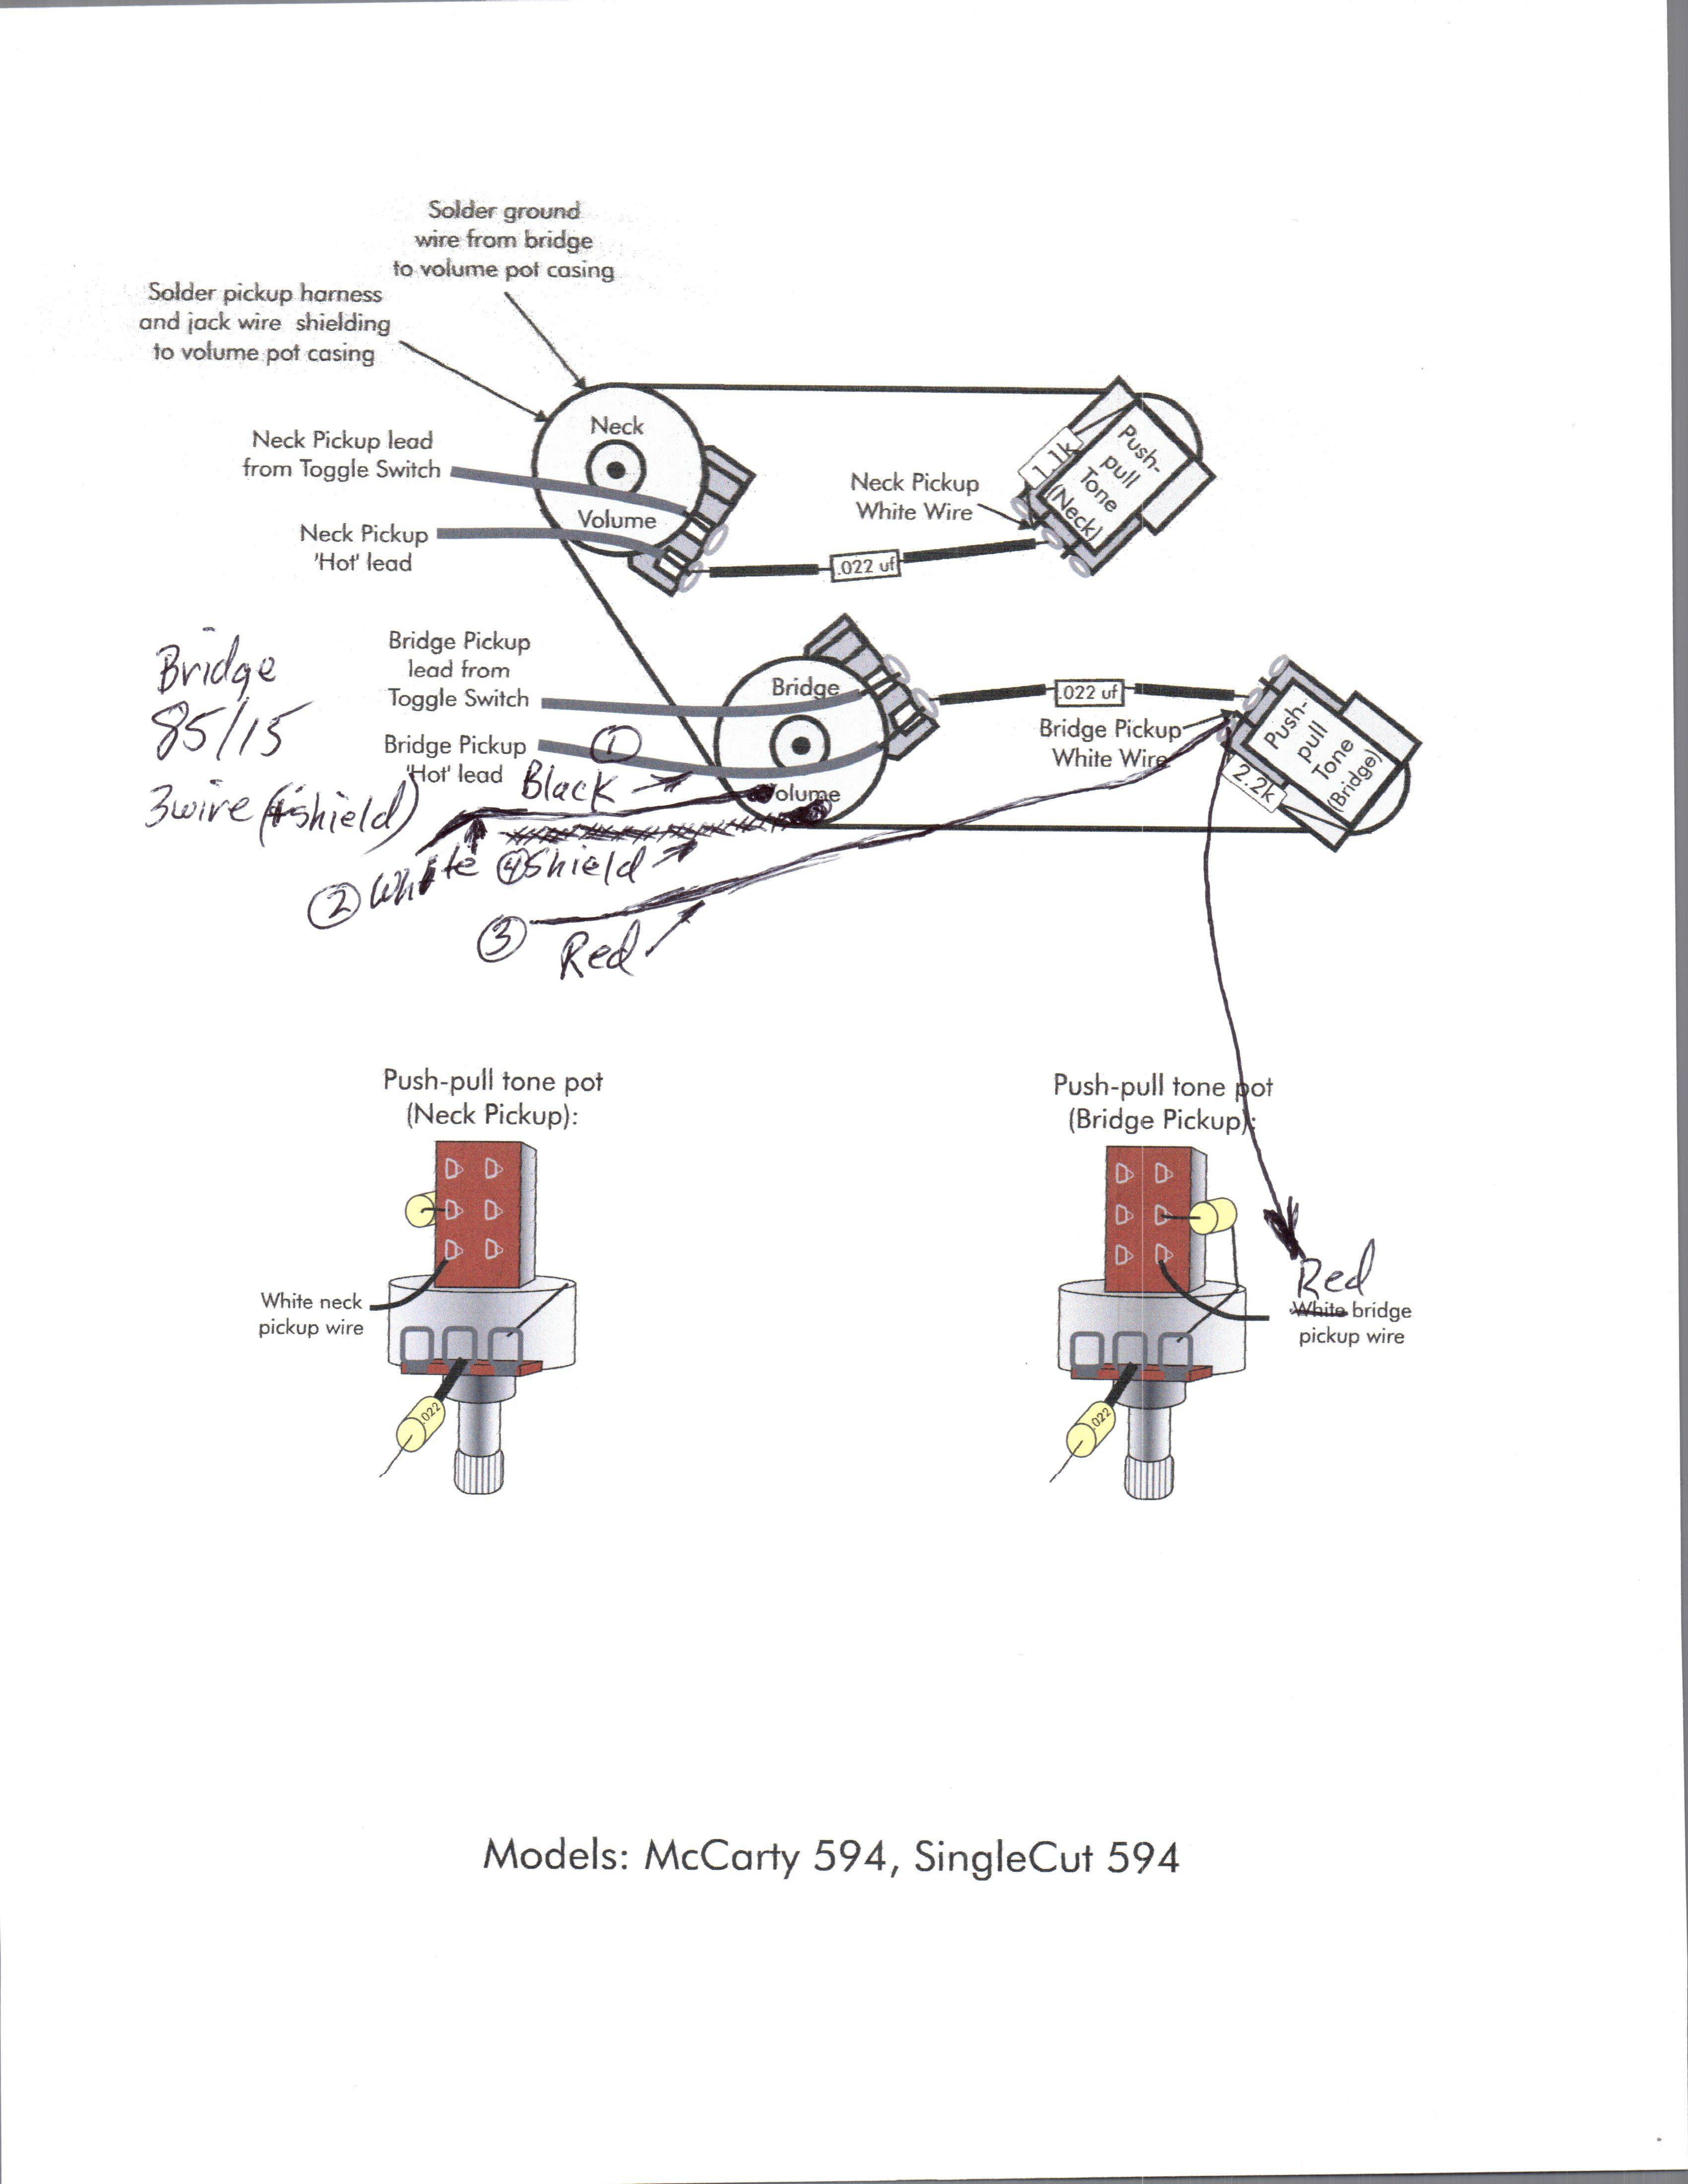 Prs Wiring Diagrams - Wiring Block Diagram - Prs Wiring Diagram